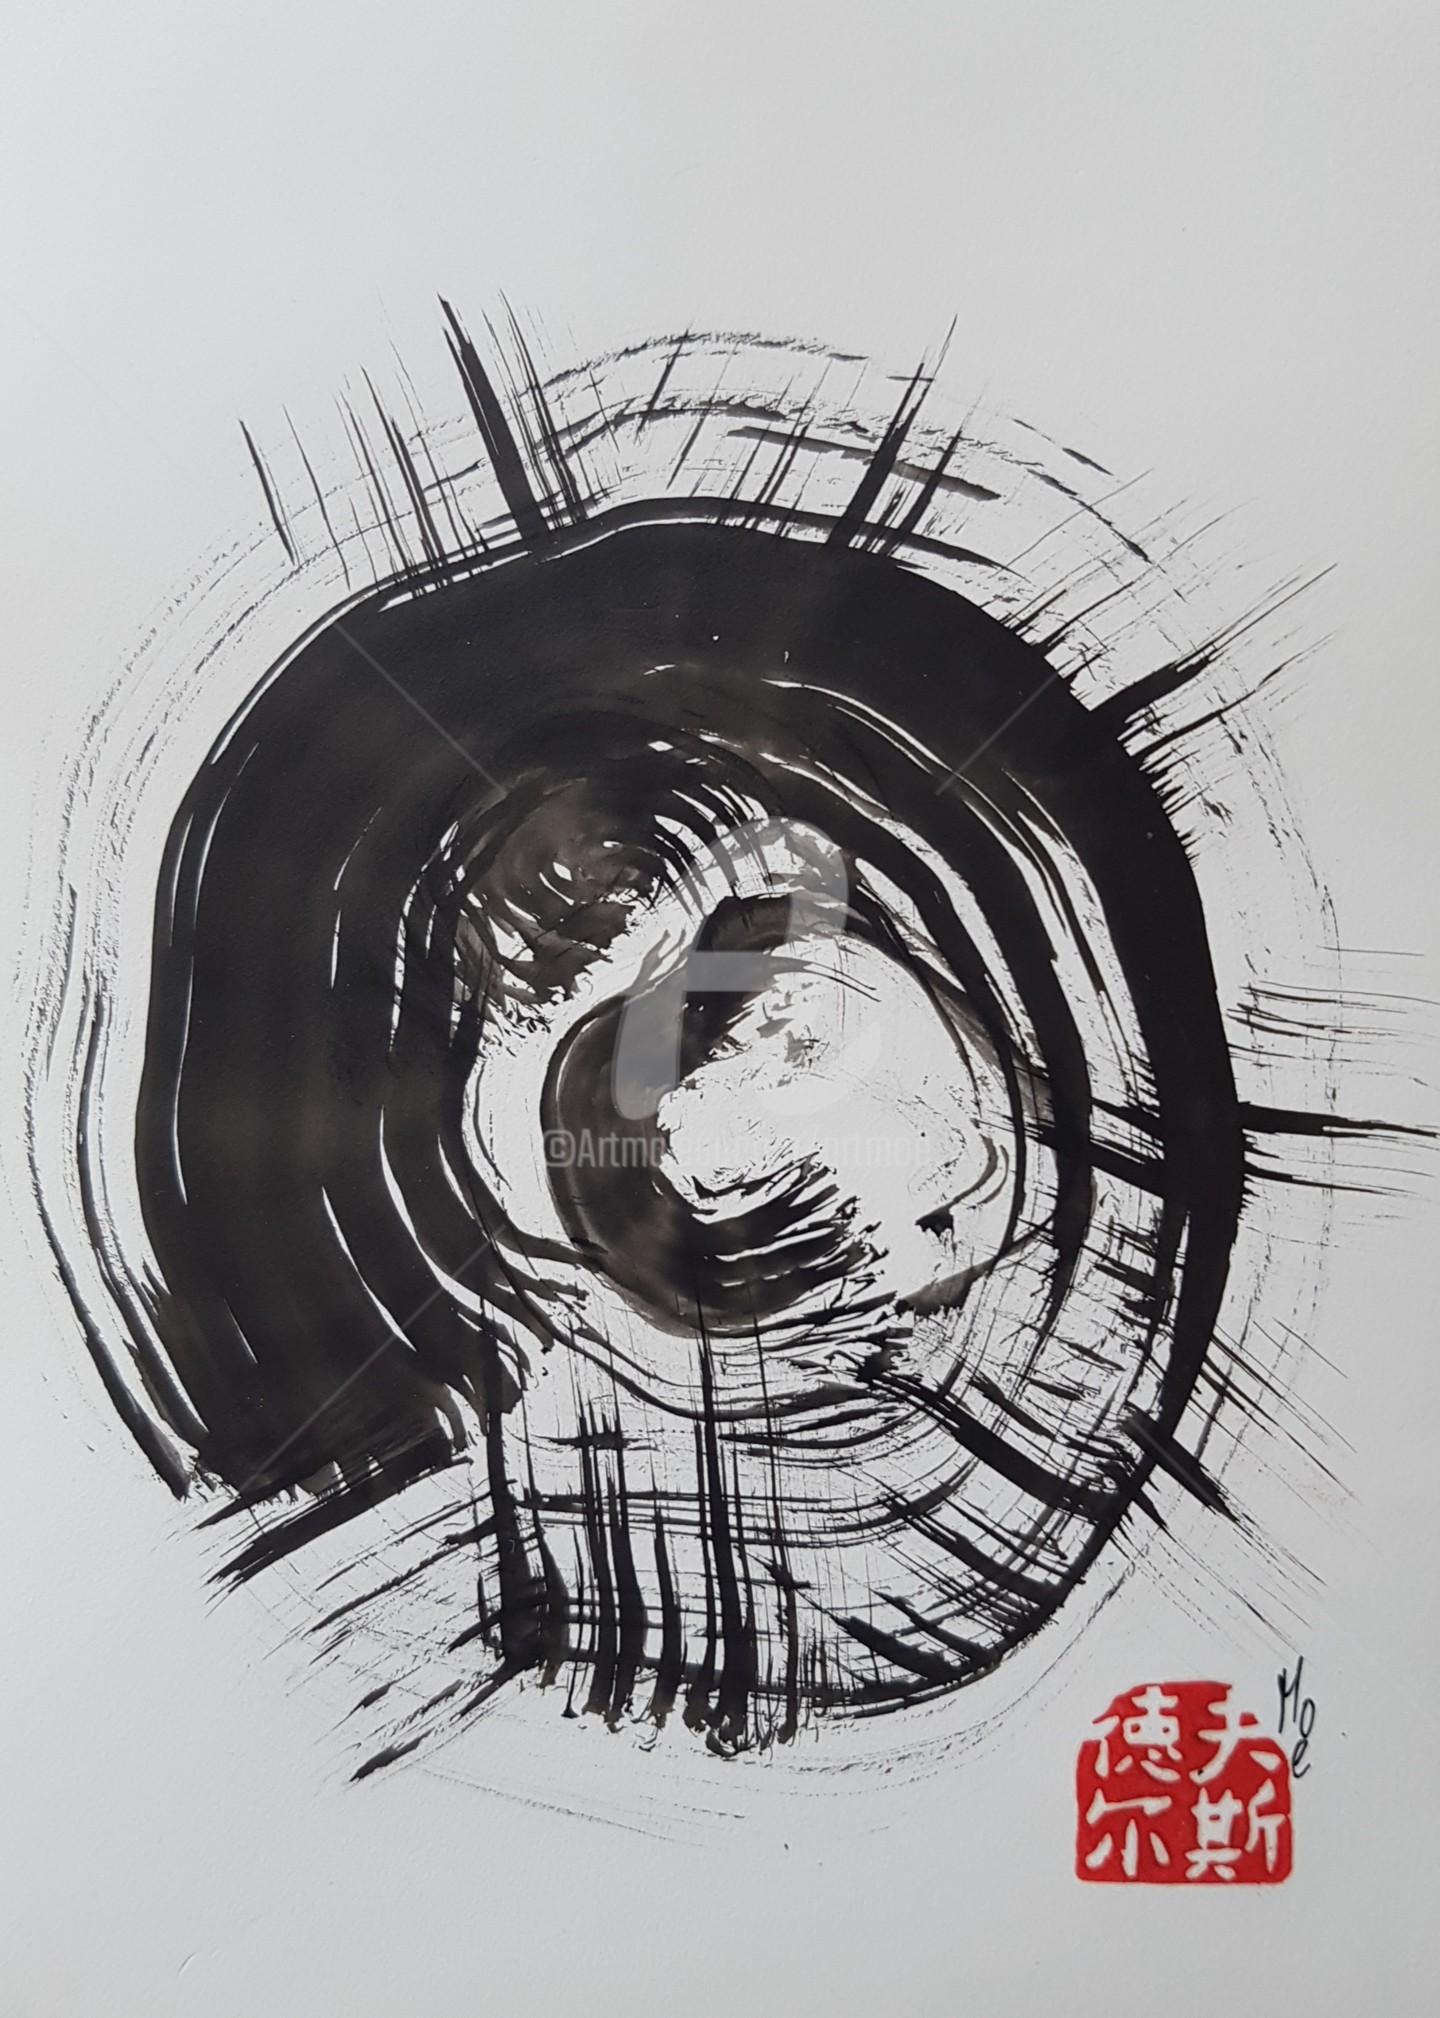 Art Moé - Sumi e Contemporary #14